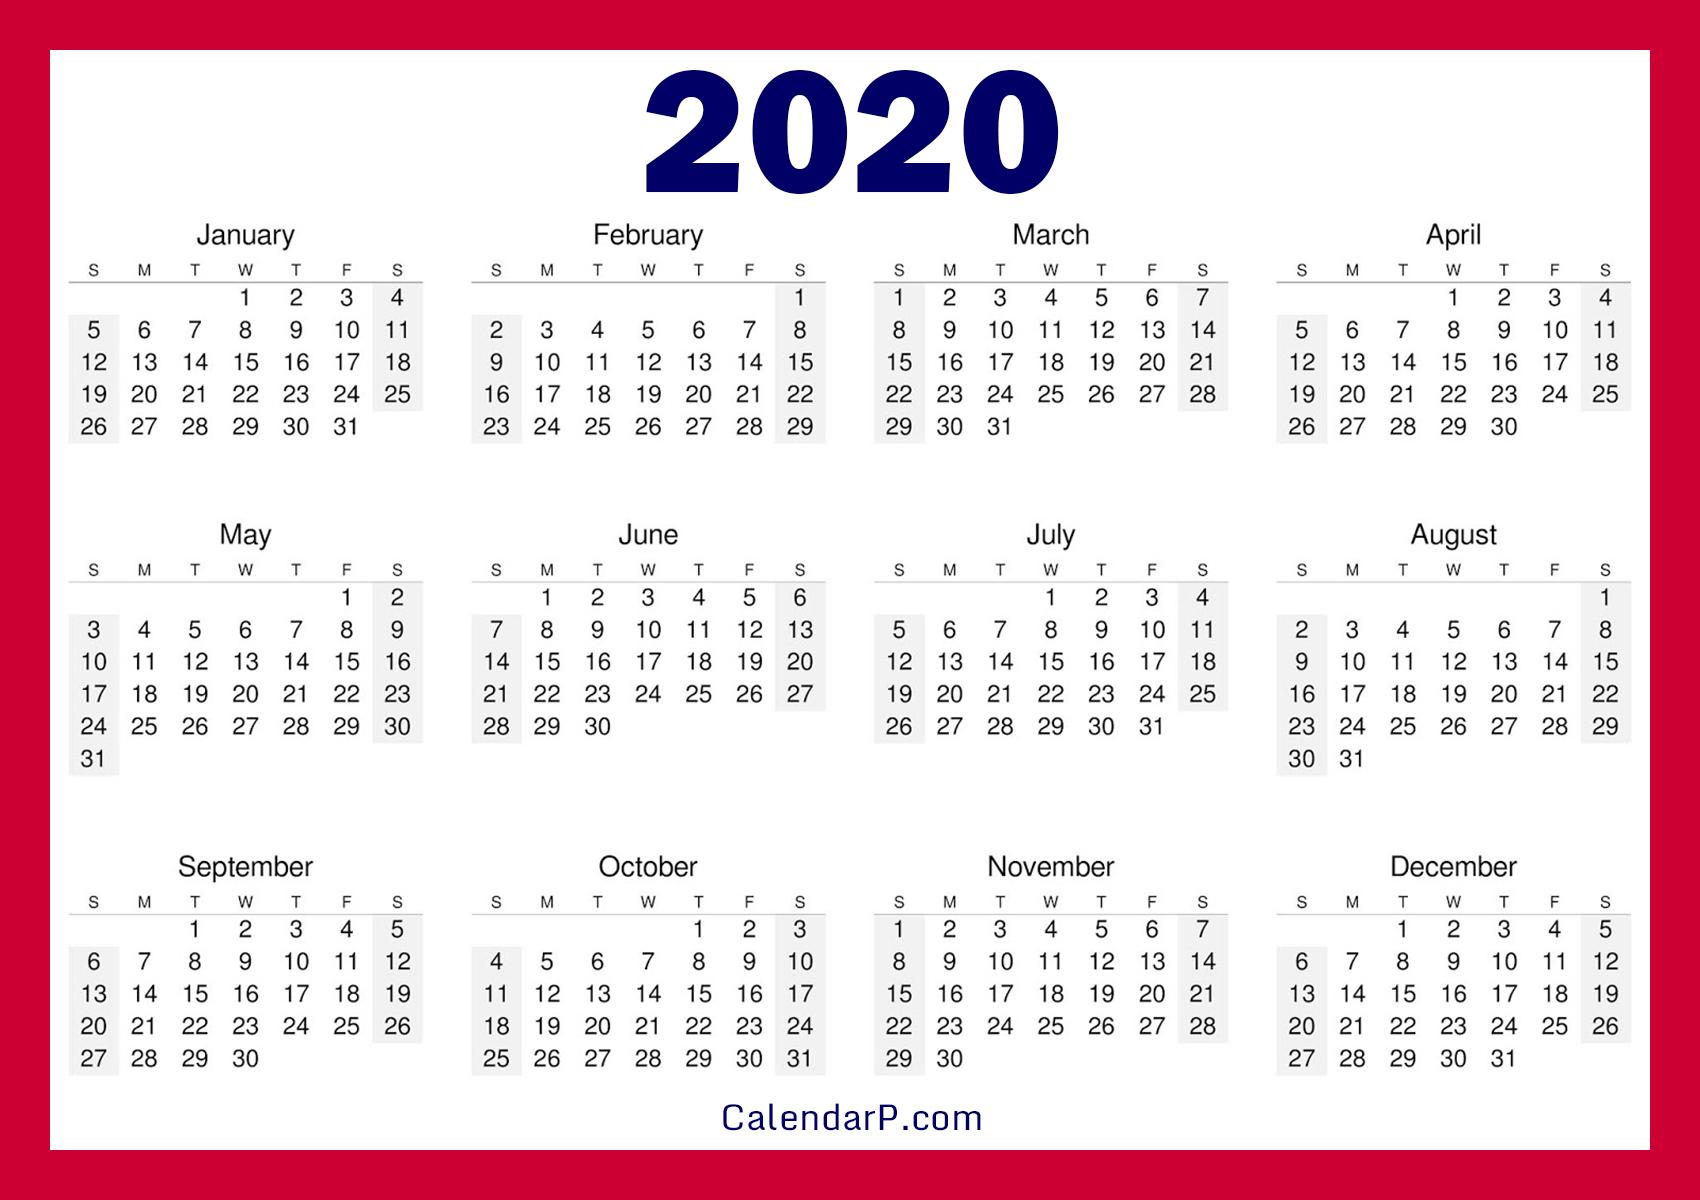 Free Calendar 2020.Printable Free 2020 Calendar Horizontal Red Calendarp